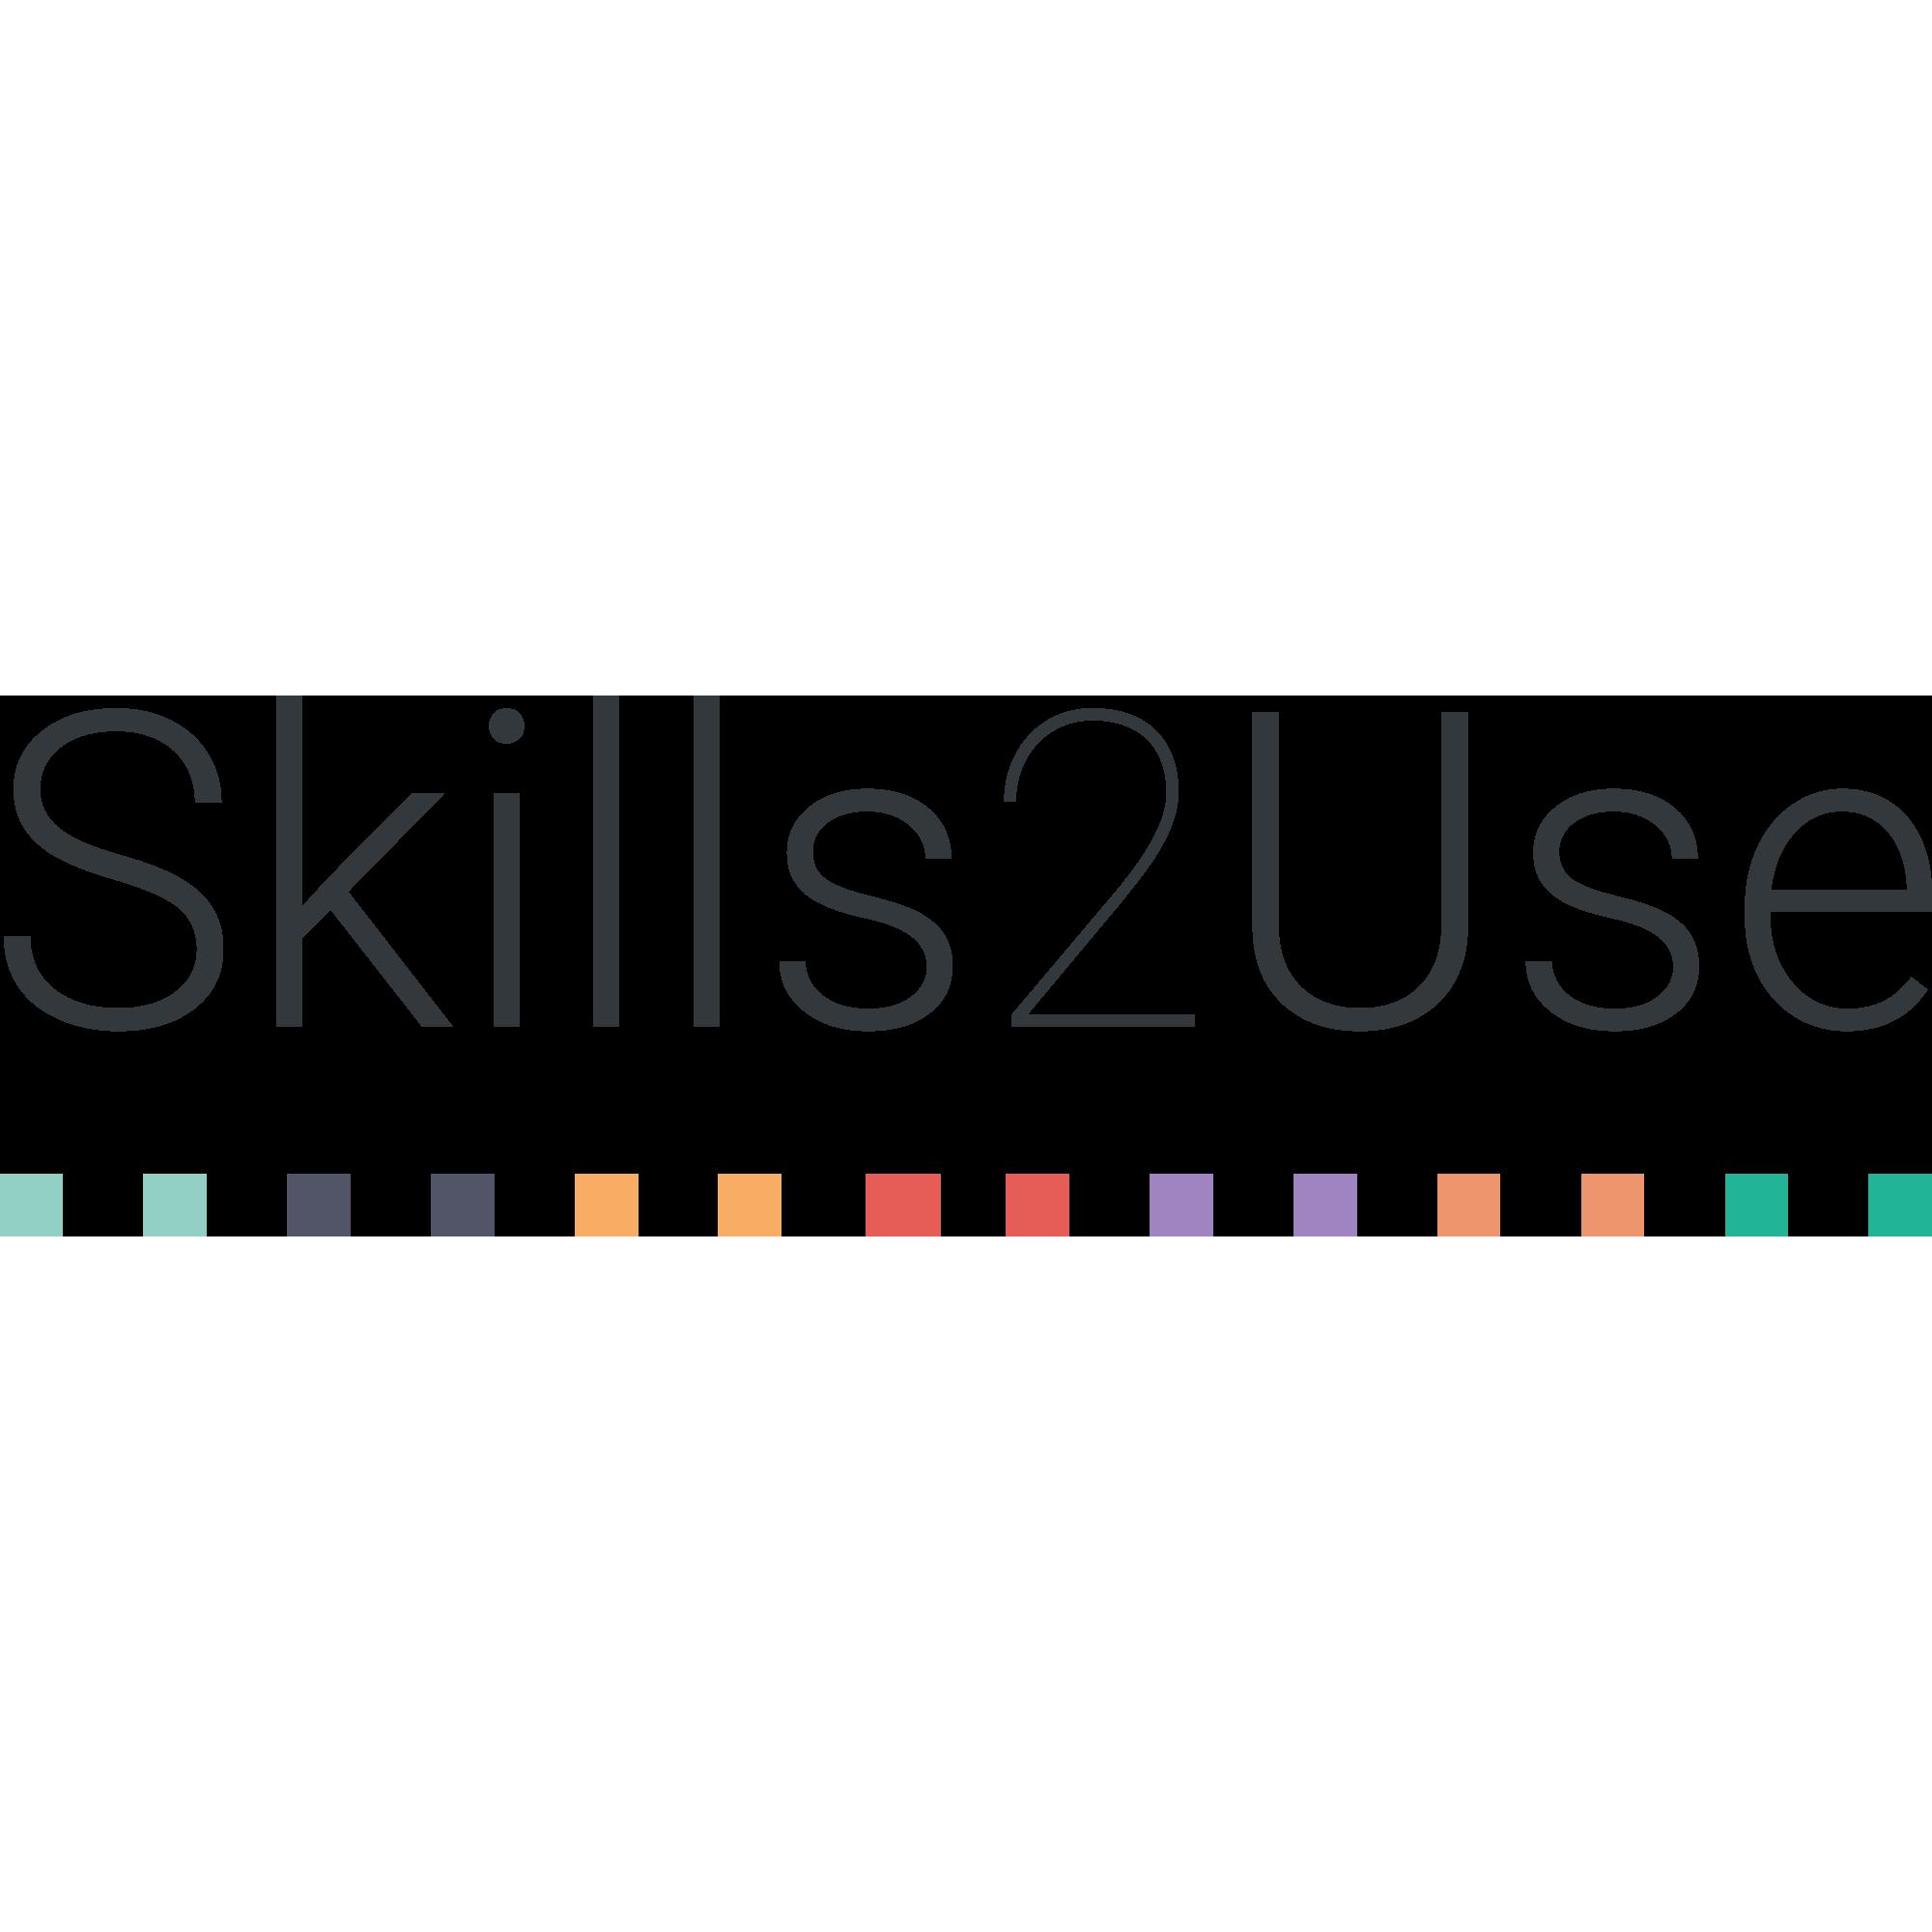 Skills2Use